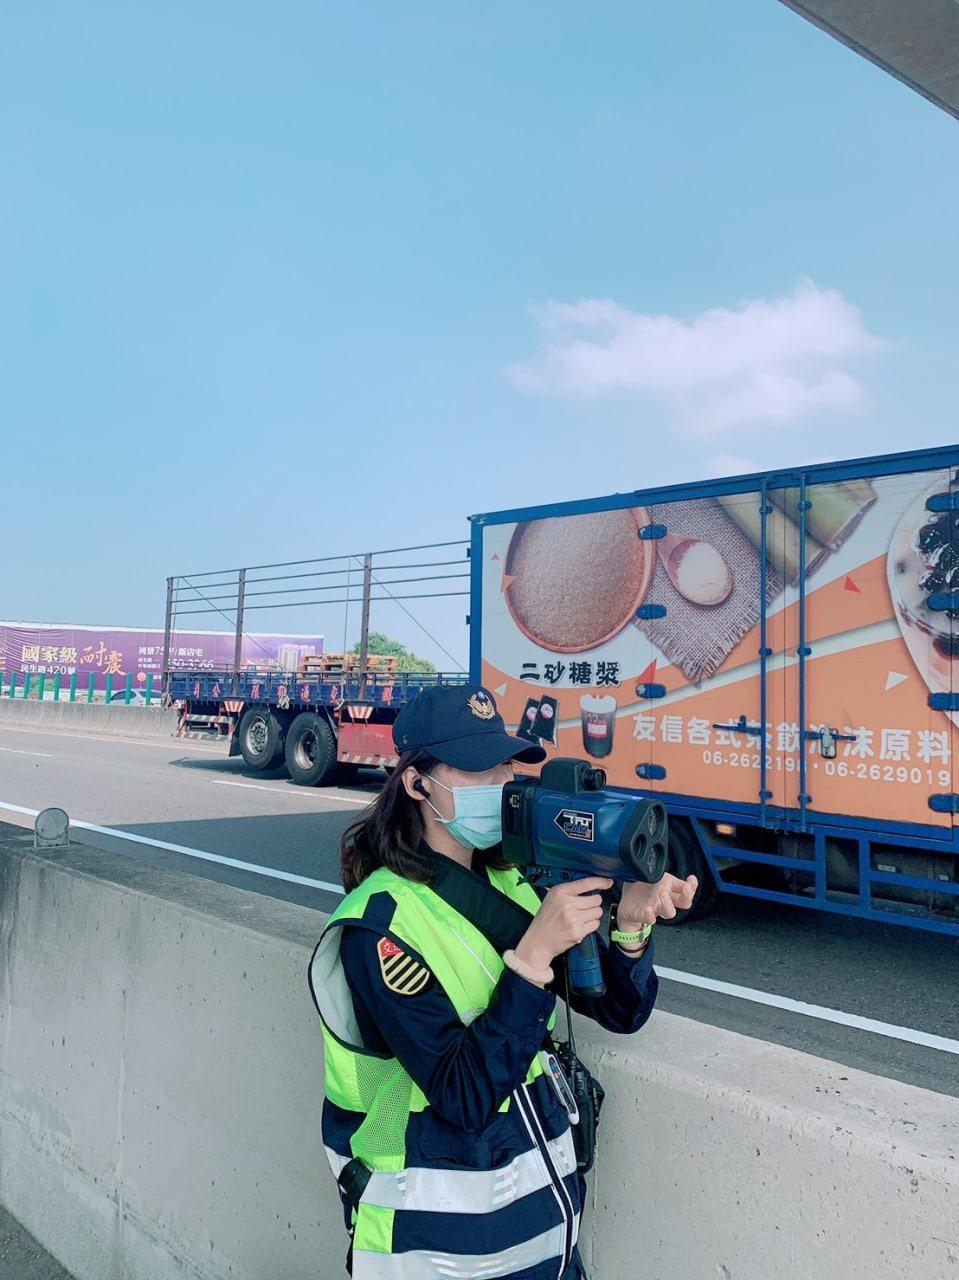 台南市交通大隊分析,去年全市死亡車禍,肇因都與駕駛人行車速度過快有關,提醒民眾減...